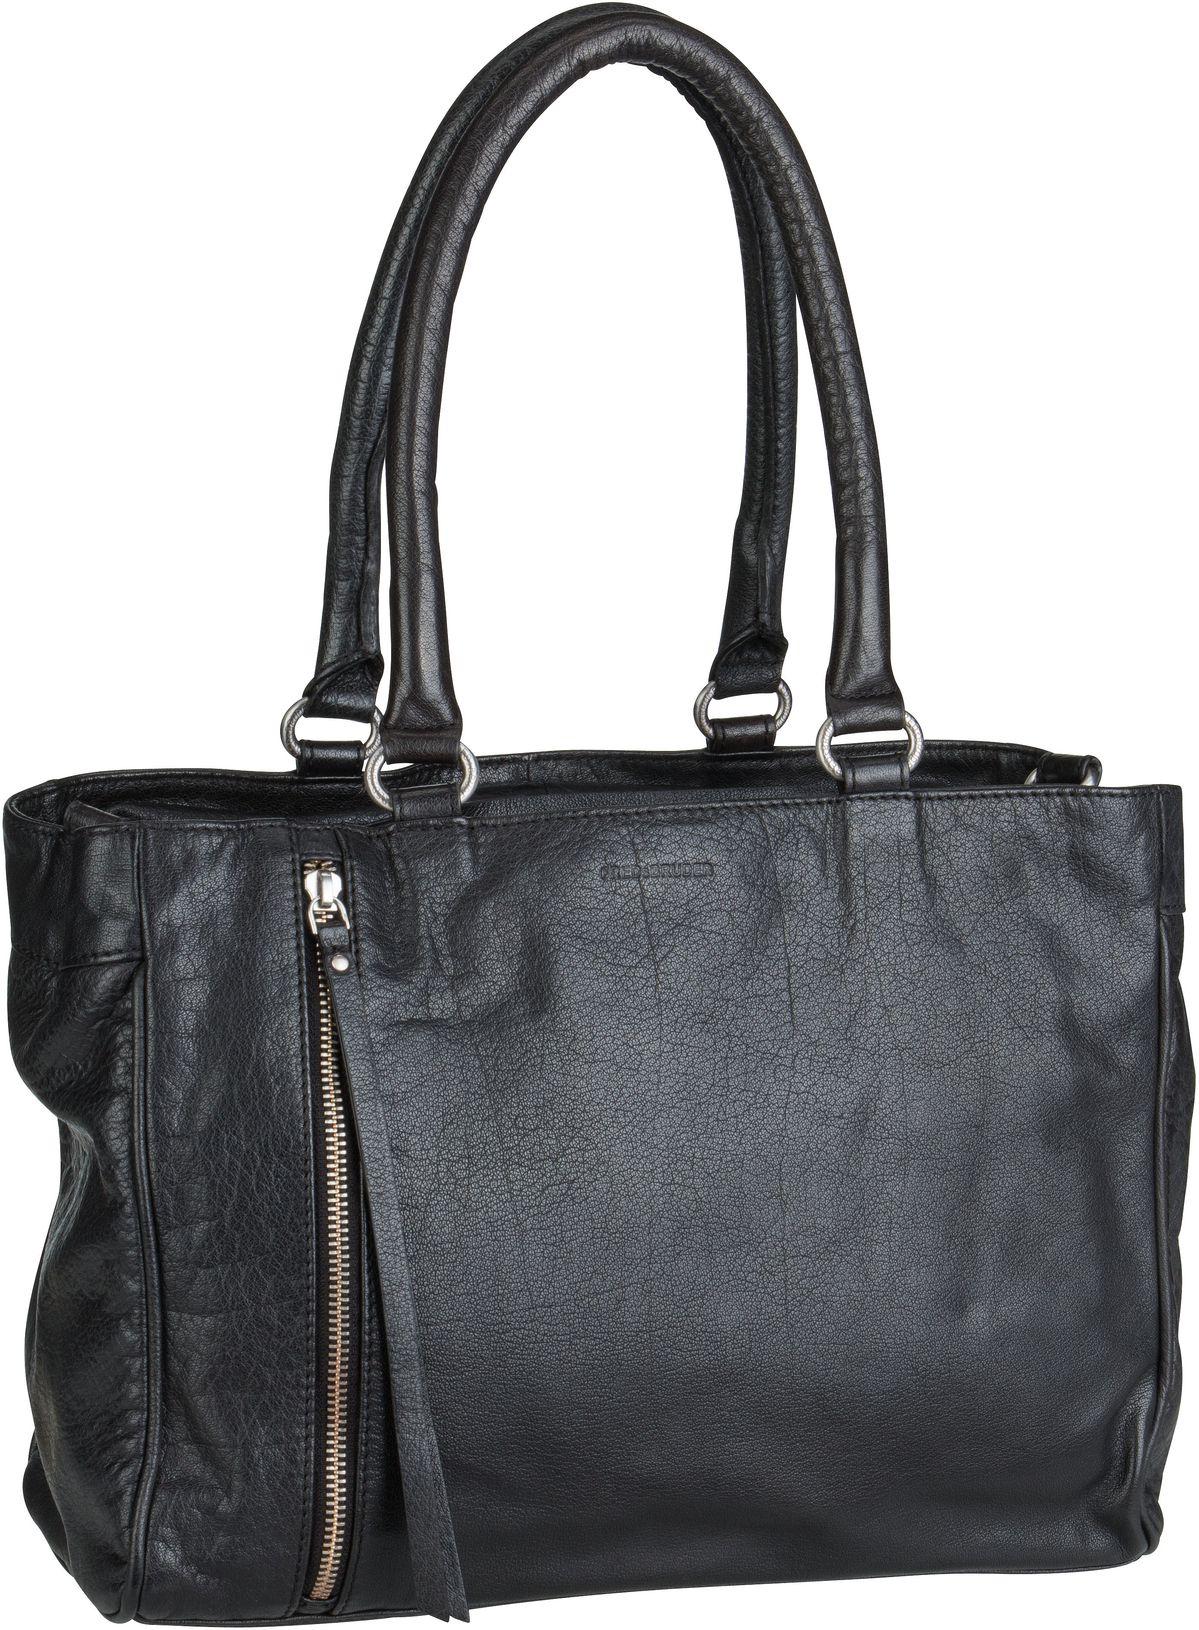 Handtasche Oomph Pep Black